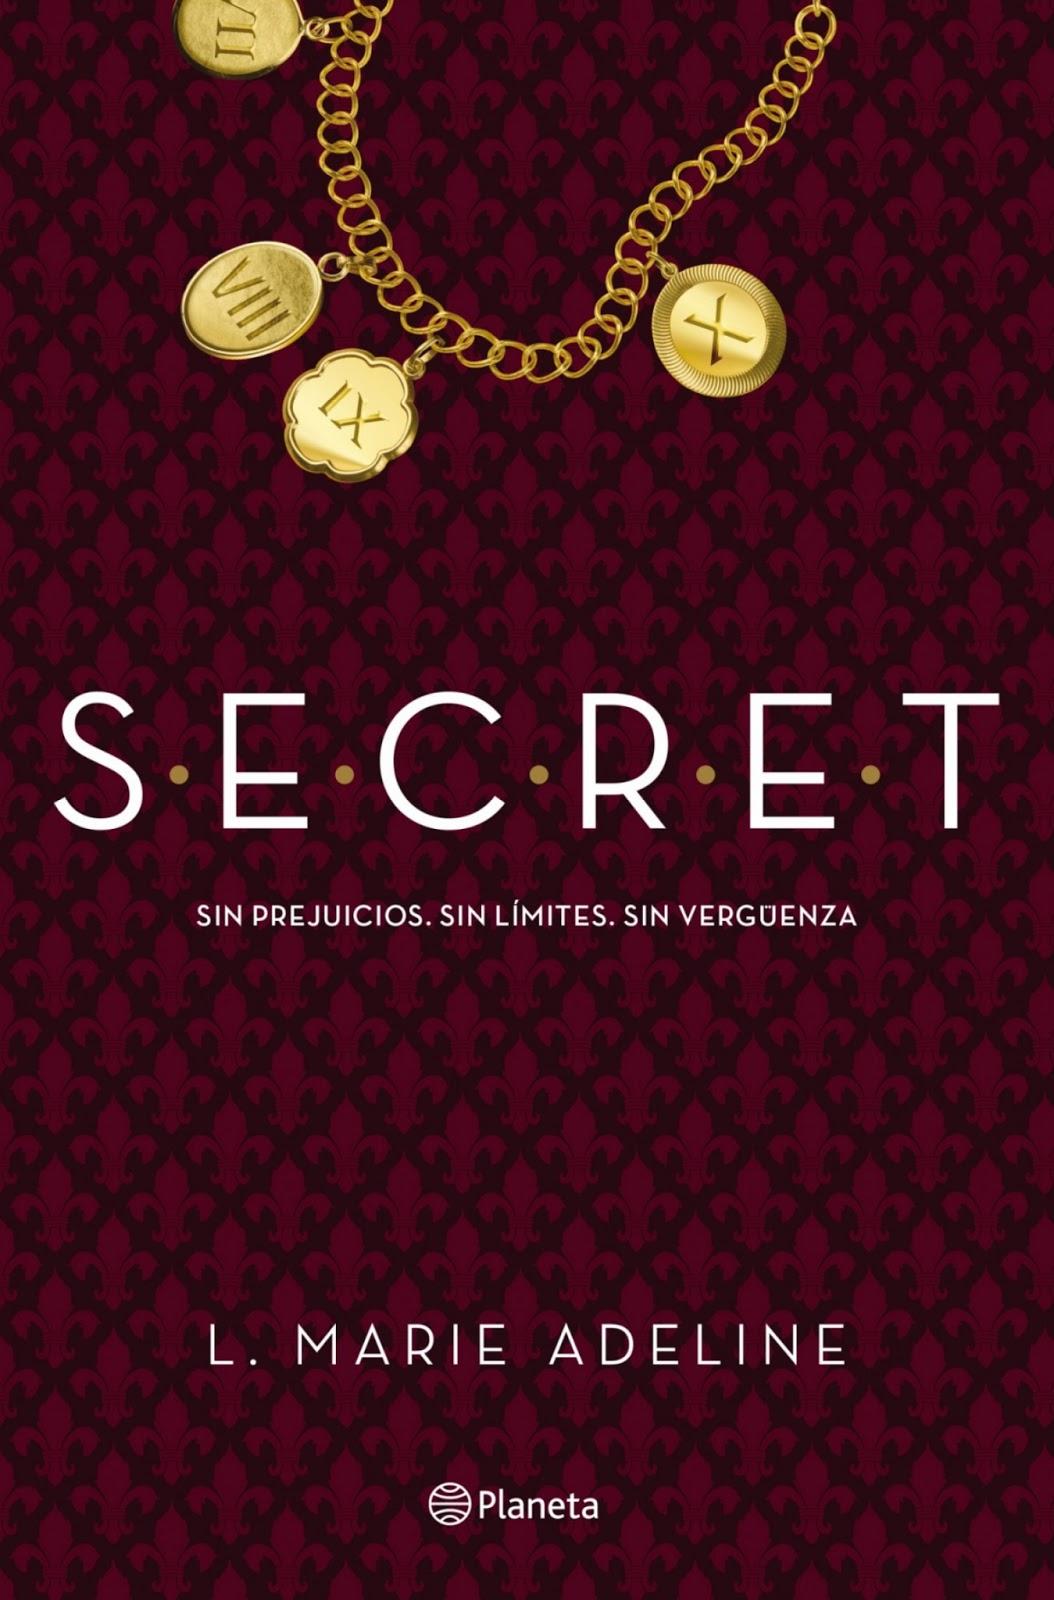 +Libro PDF -S.E.CR.E.T by JustInLoveTrue